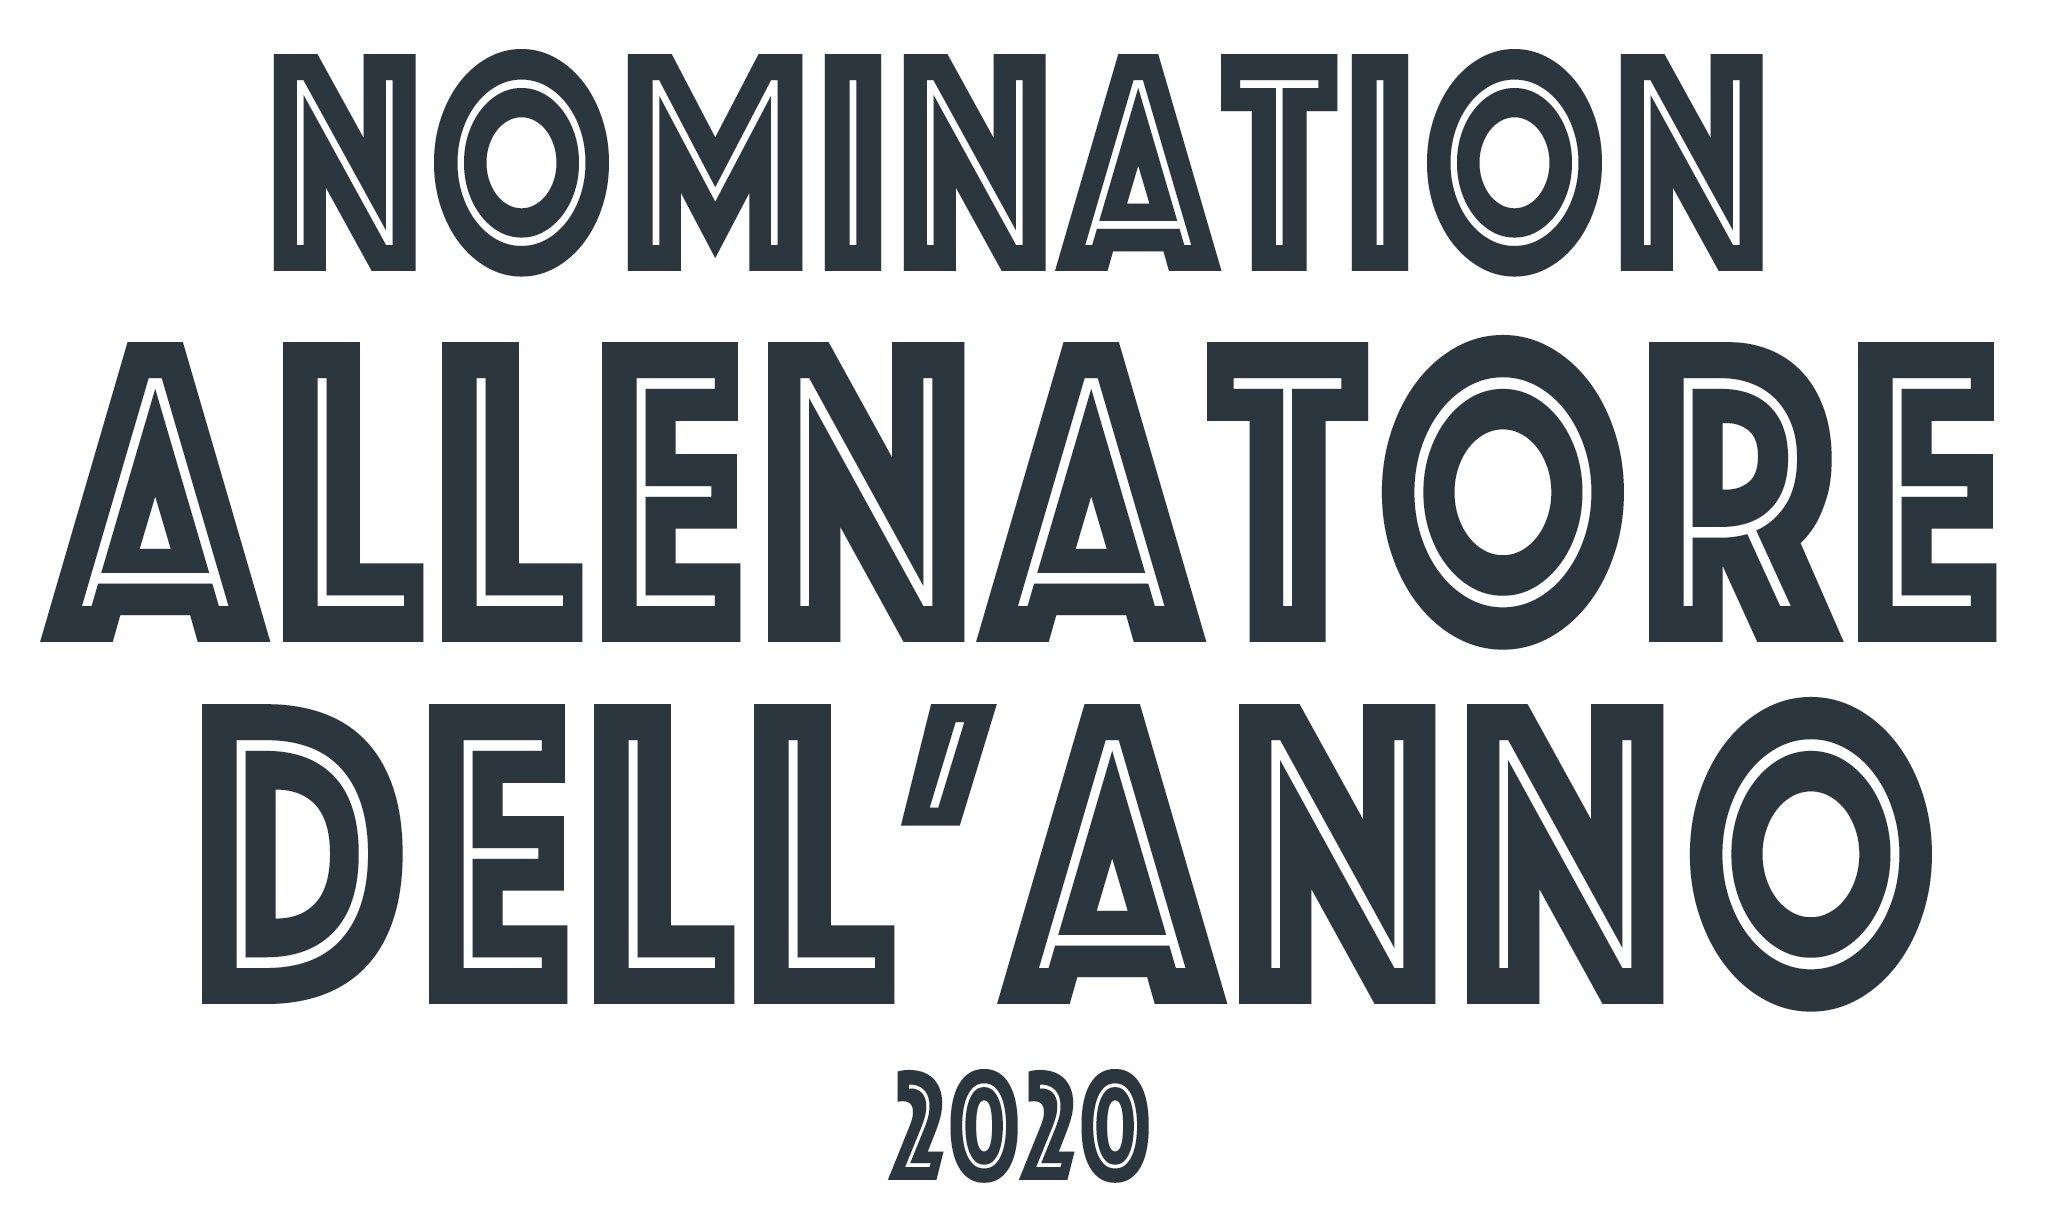 Allenatore dell'Anno 2020